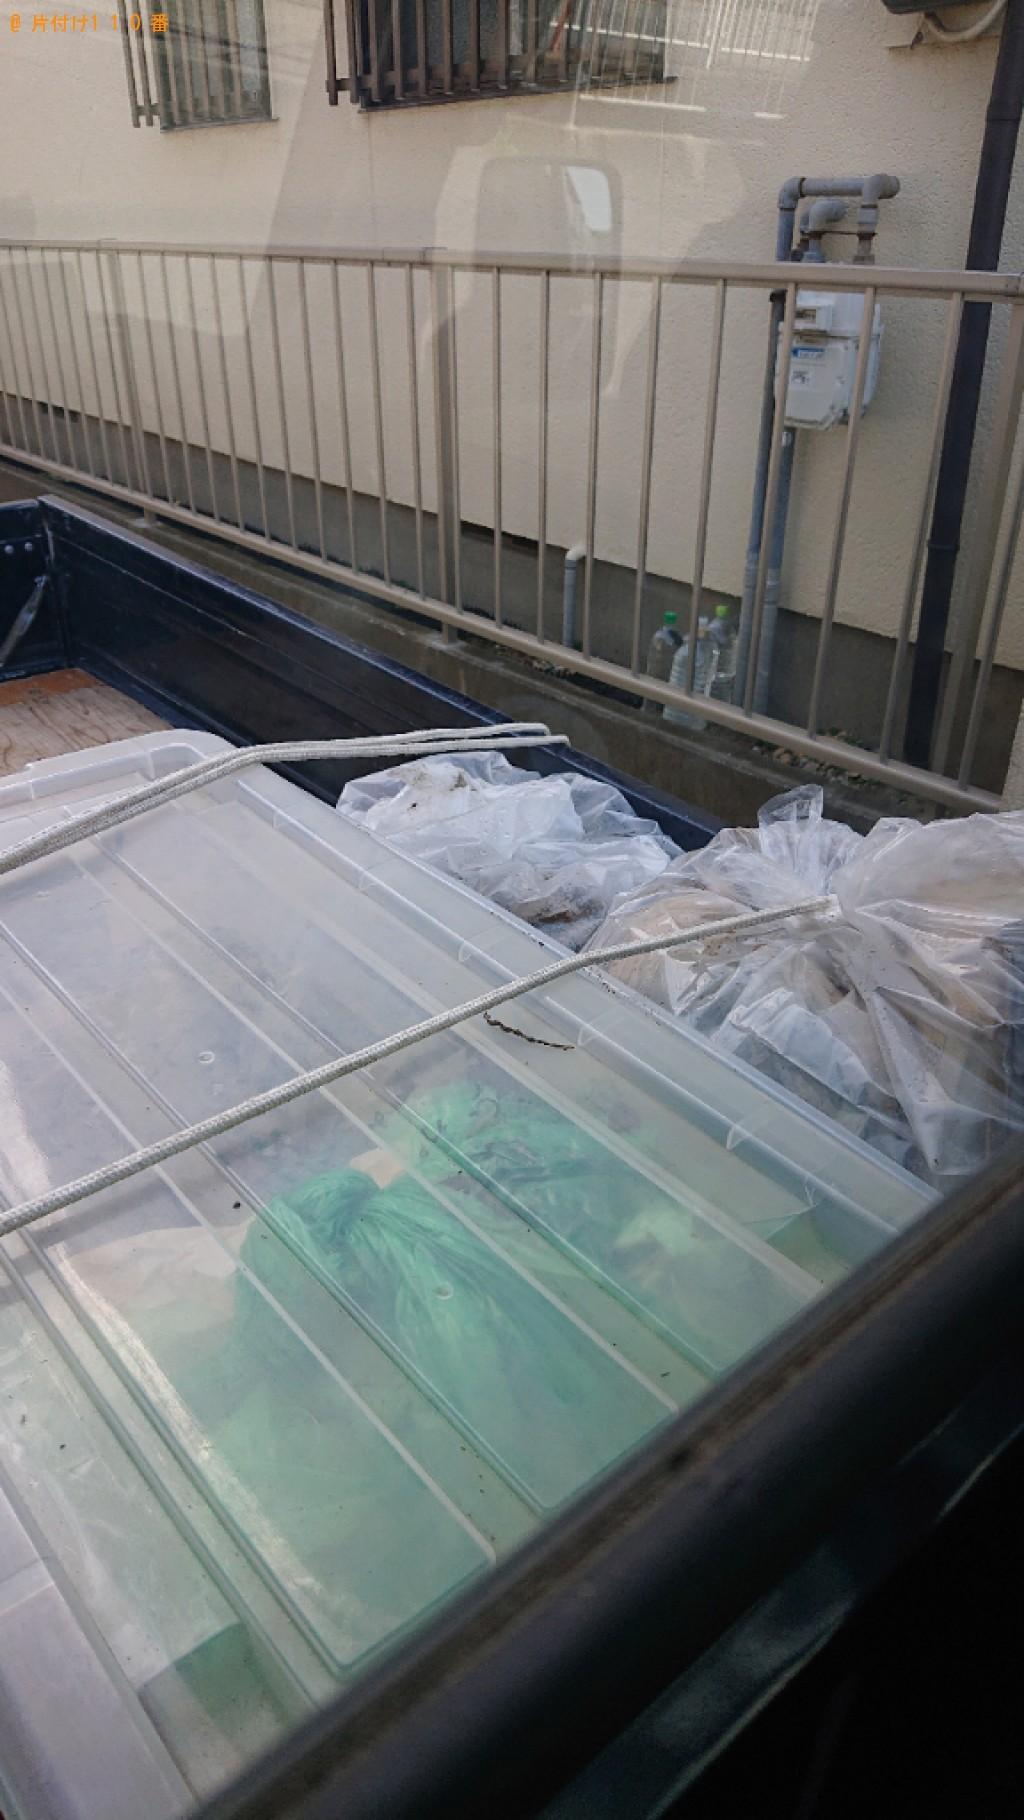 【尼崎市】一般ごみの回収・処分ご依頼 お客様の声